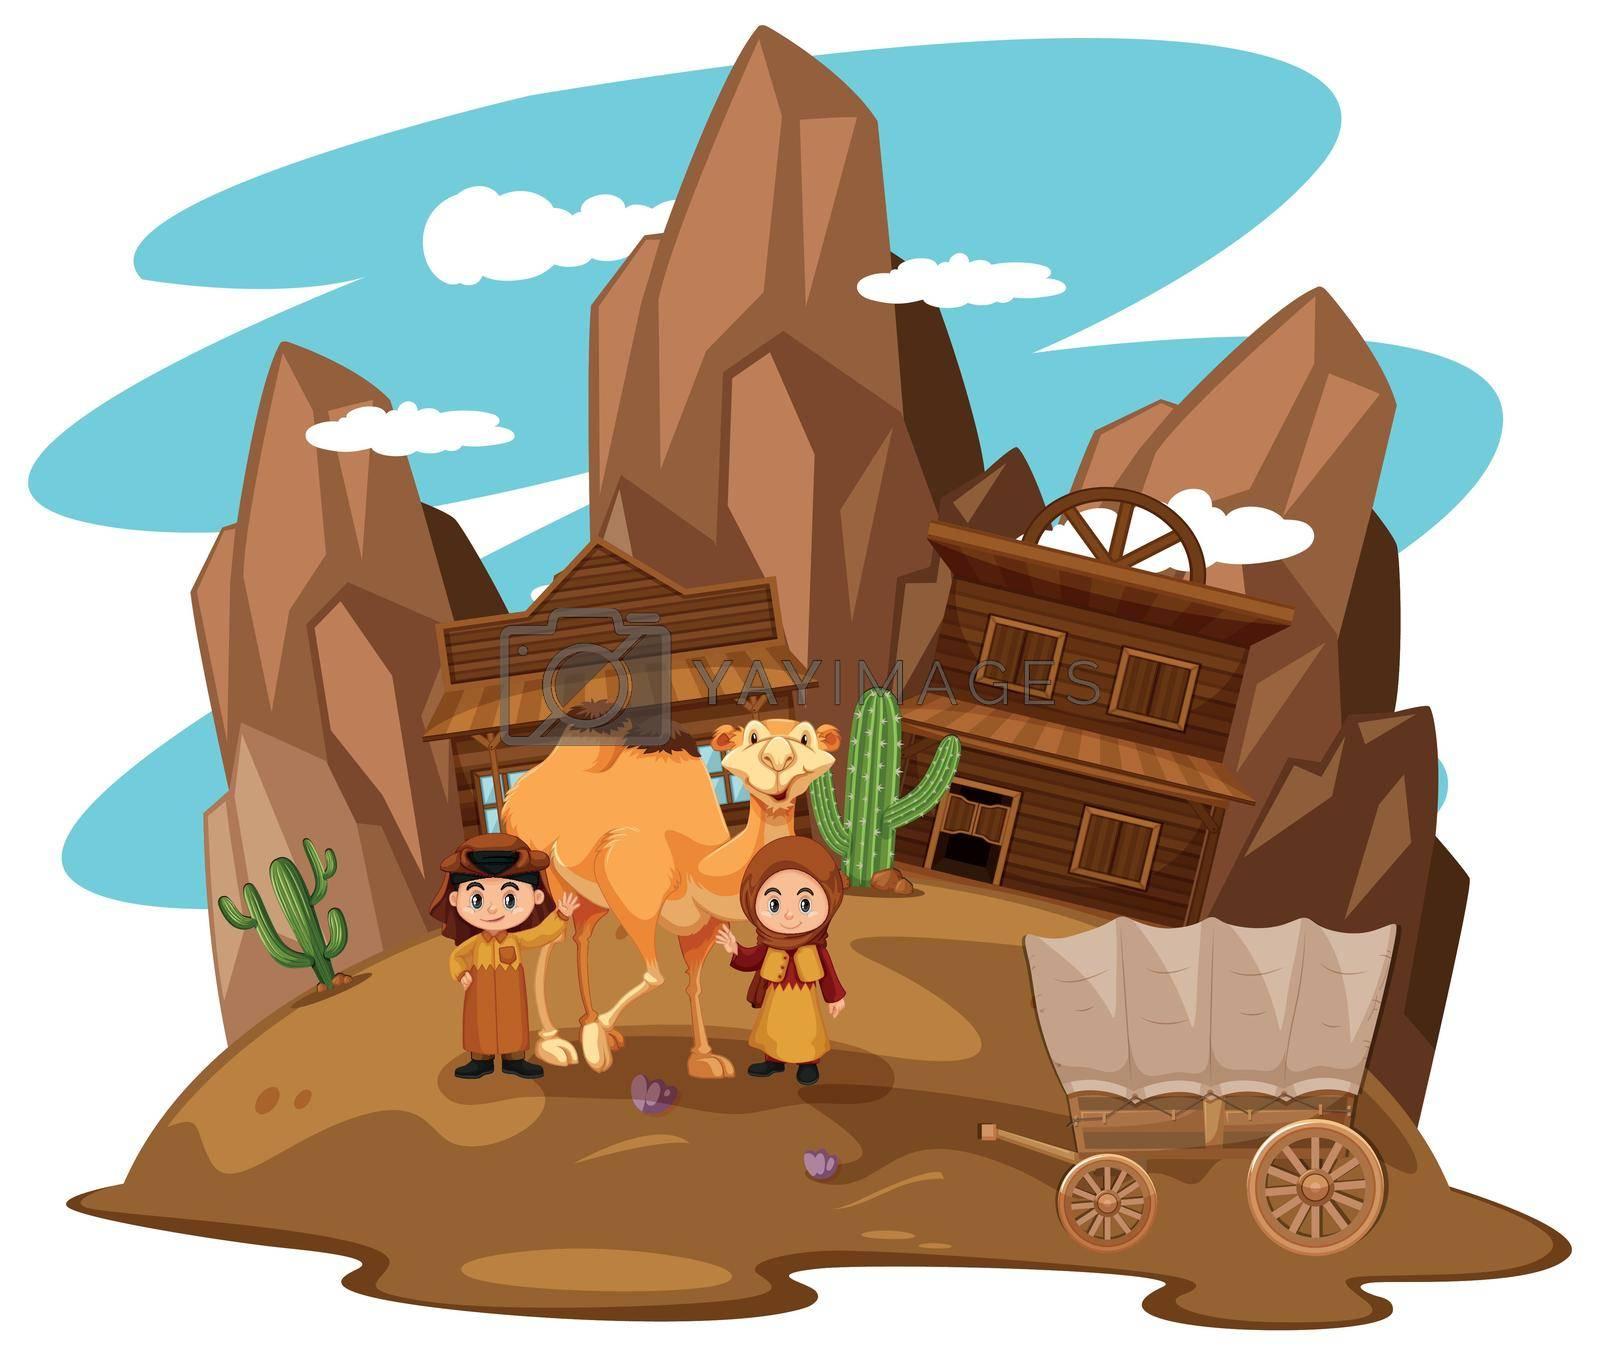 Desert scene with kids and camel illustration